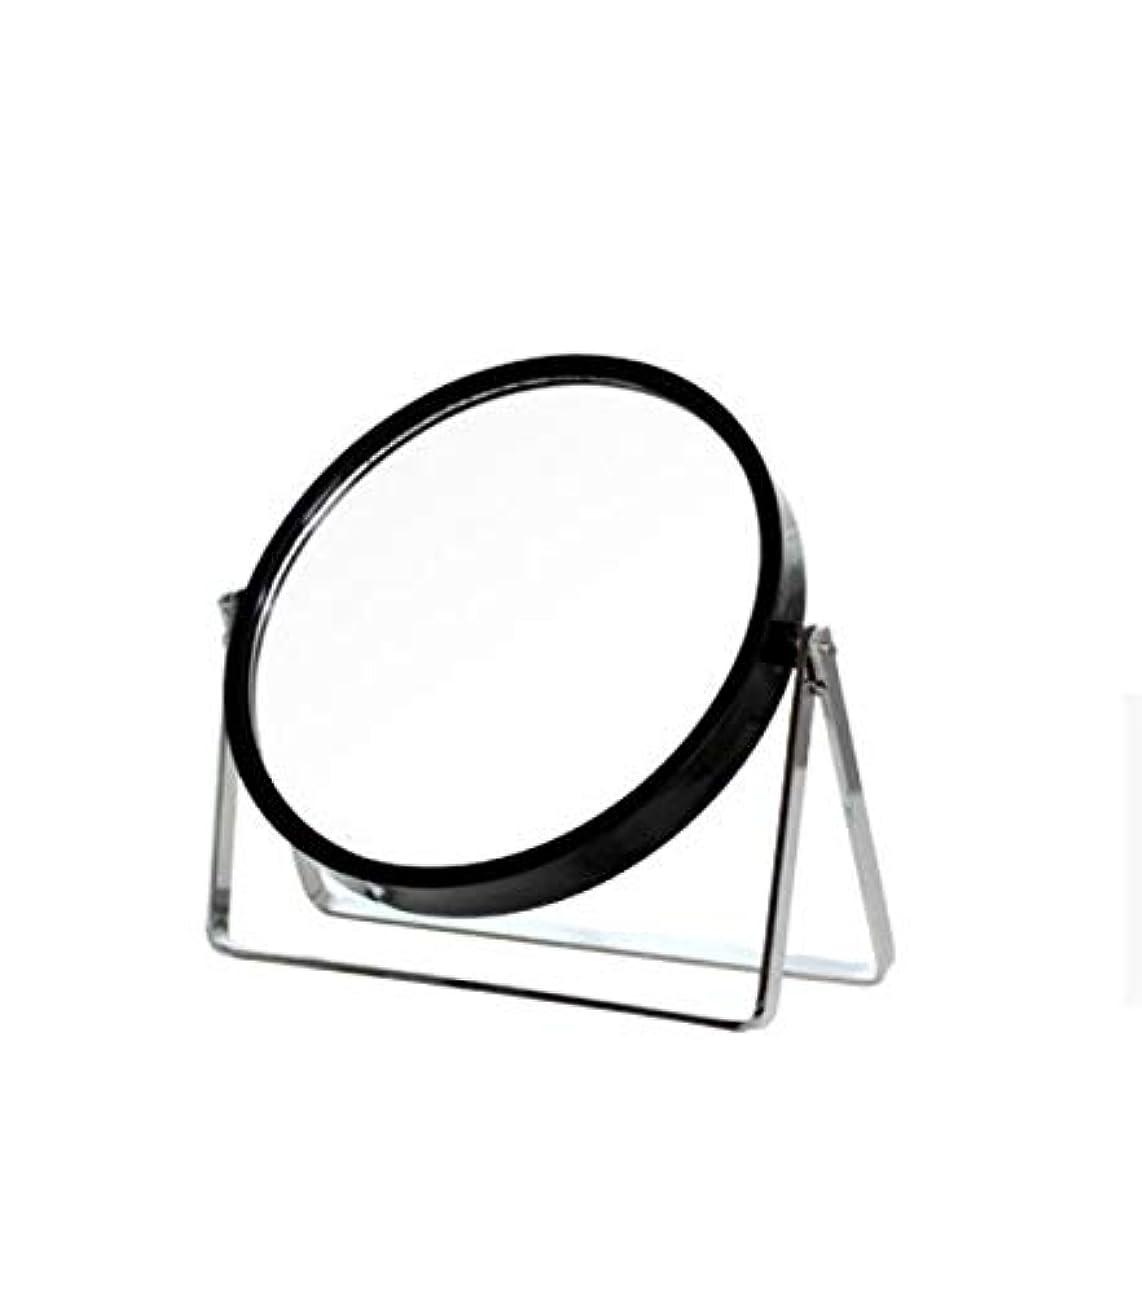 忙しい閉じ込める吹雪化粧鏡、シンプルなラウンドホーム寮デスクトップ化粧鏡化粧ギフト (Color : ブラック)